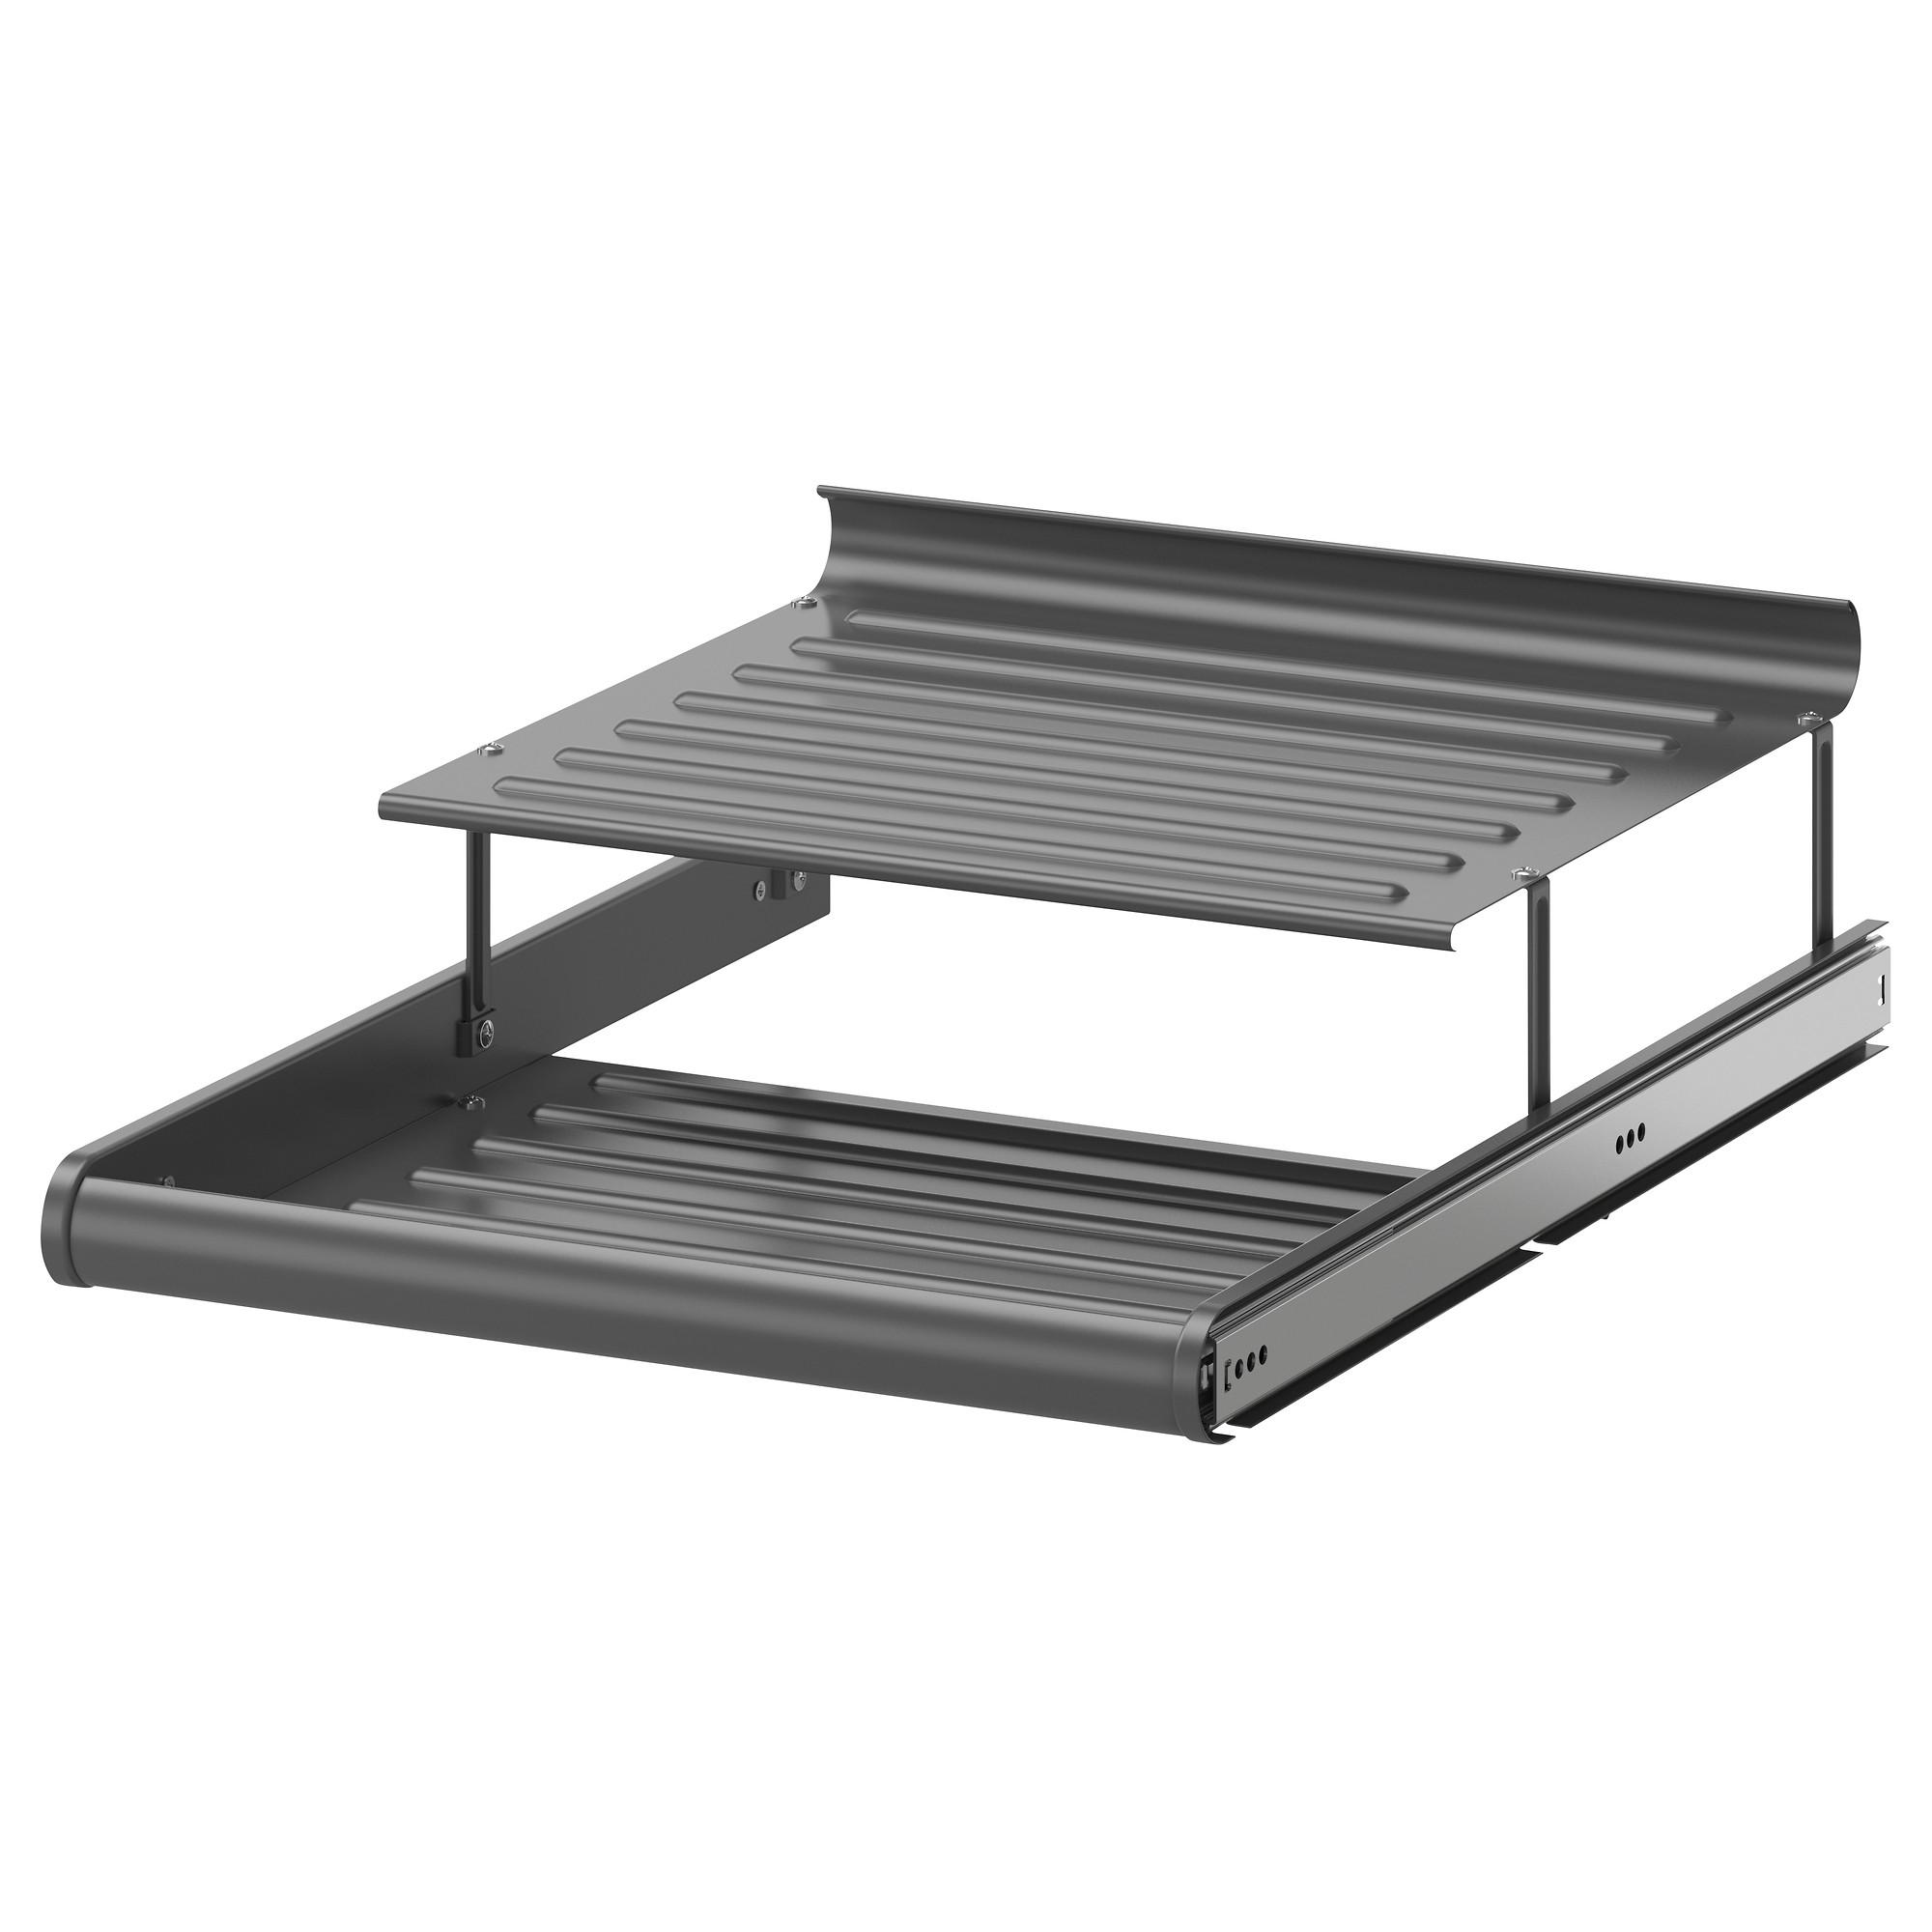 Inspirierend Ikea Pax Kleiderstange Design